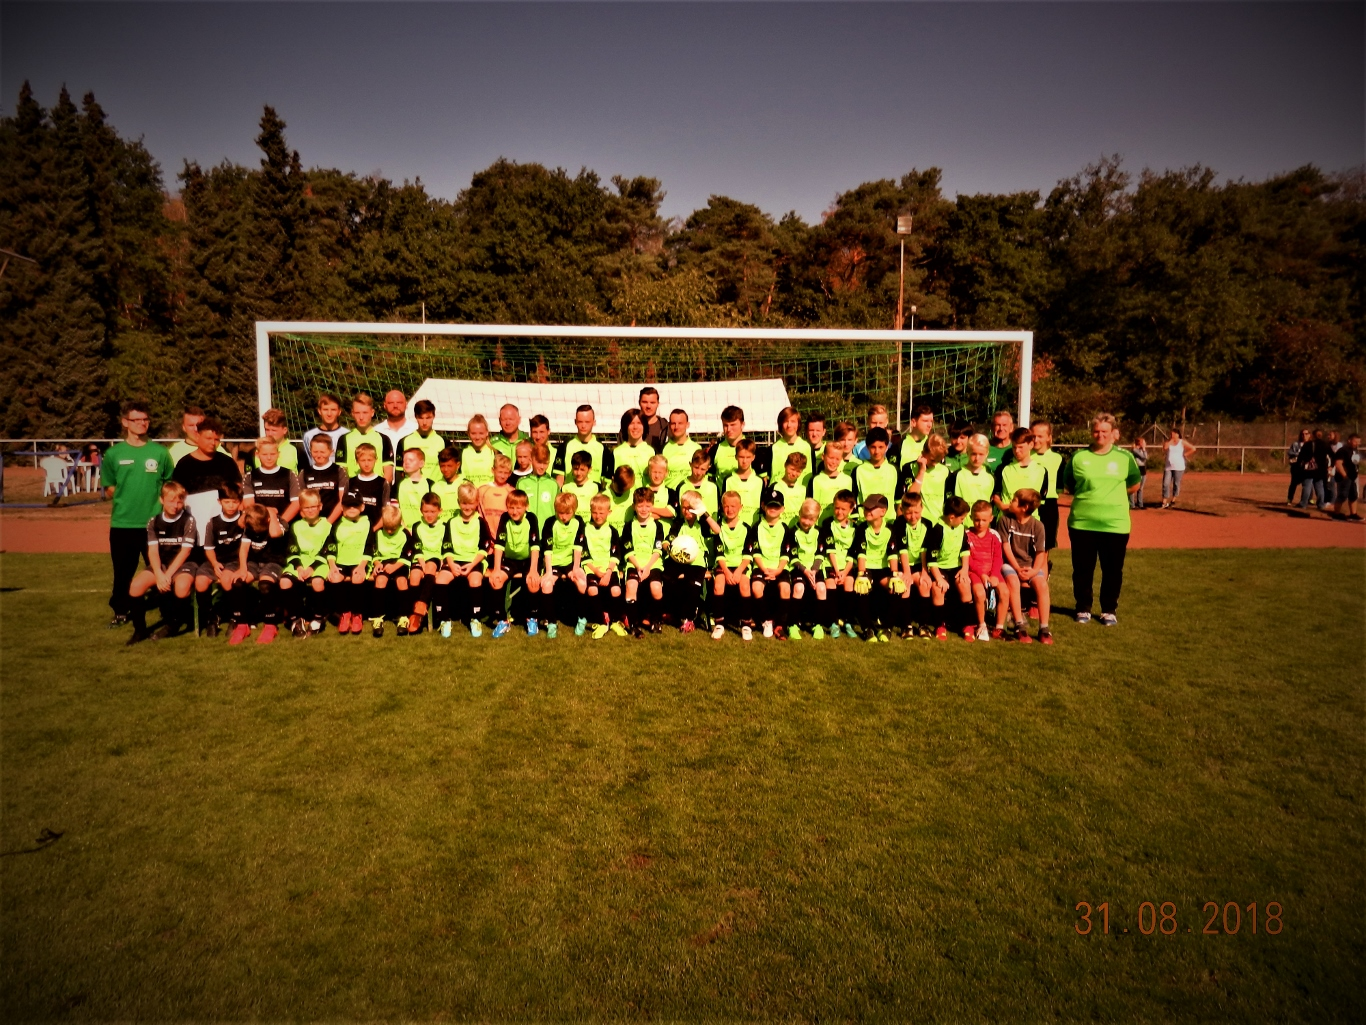 Familientag der Fußballjugend